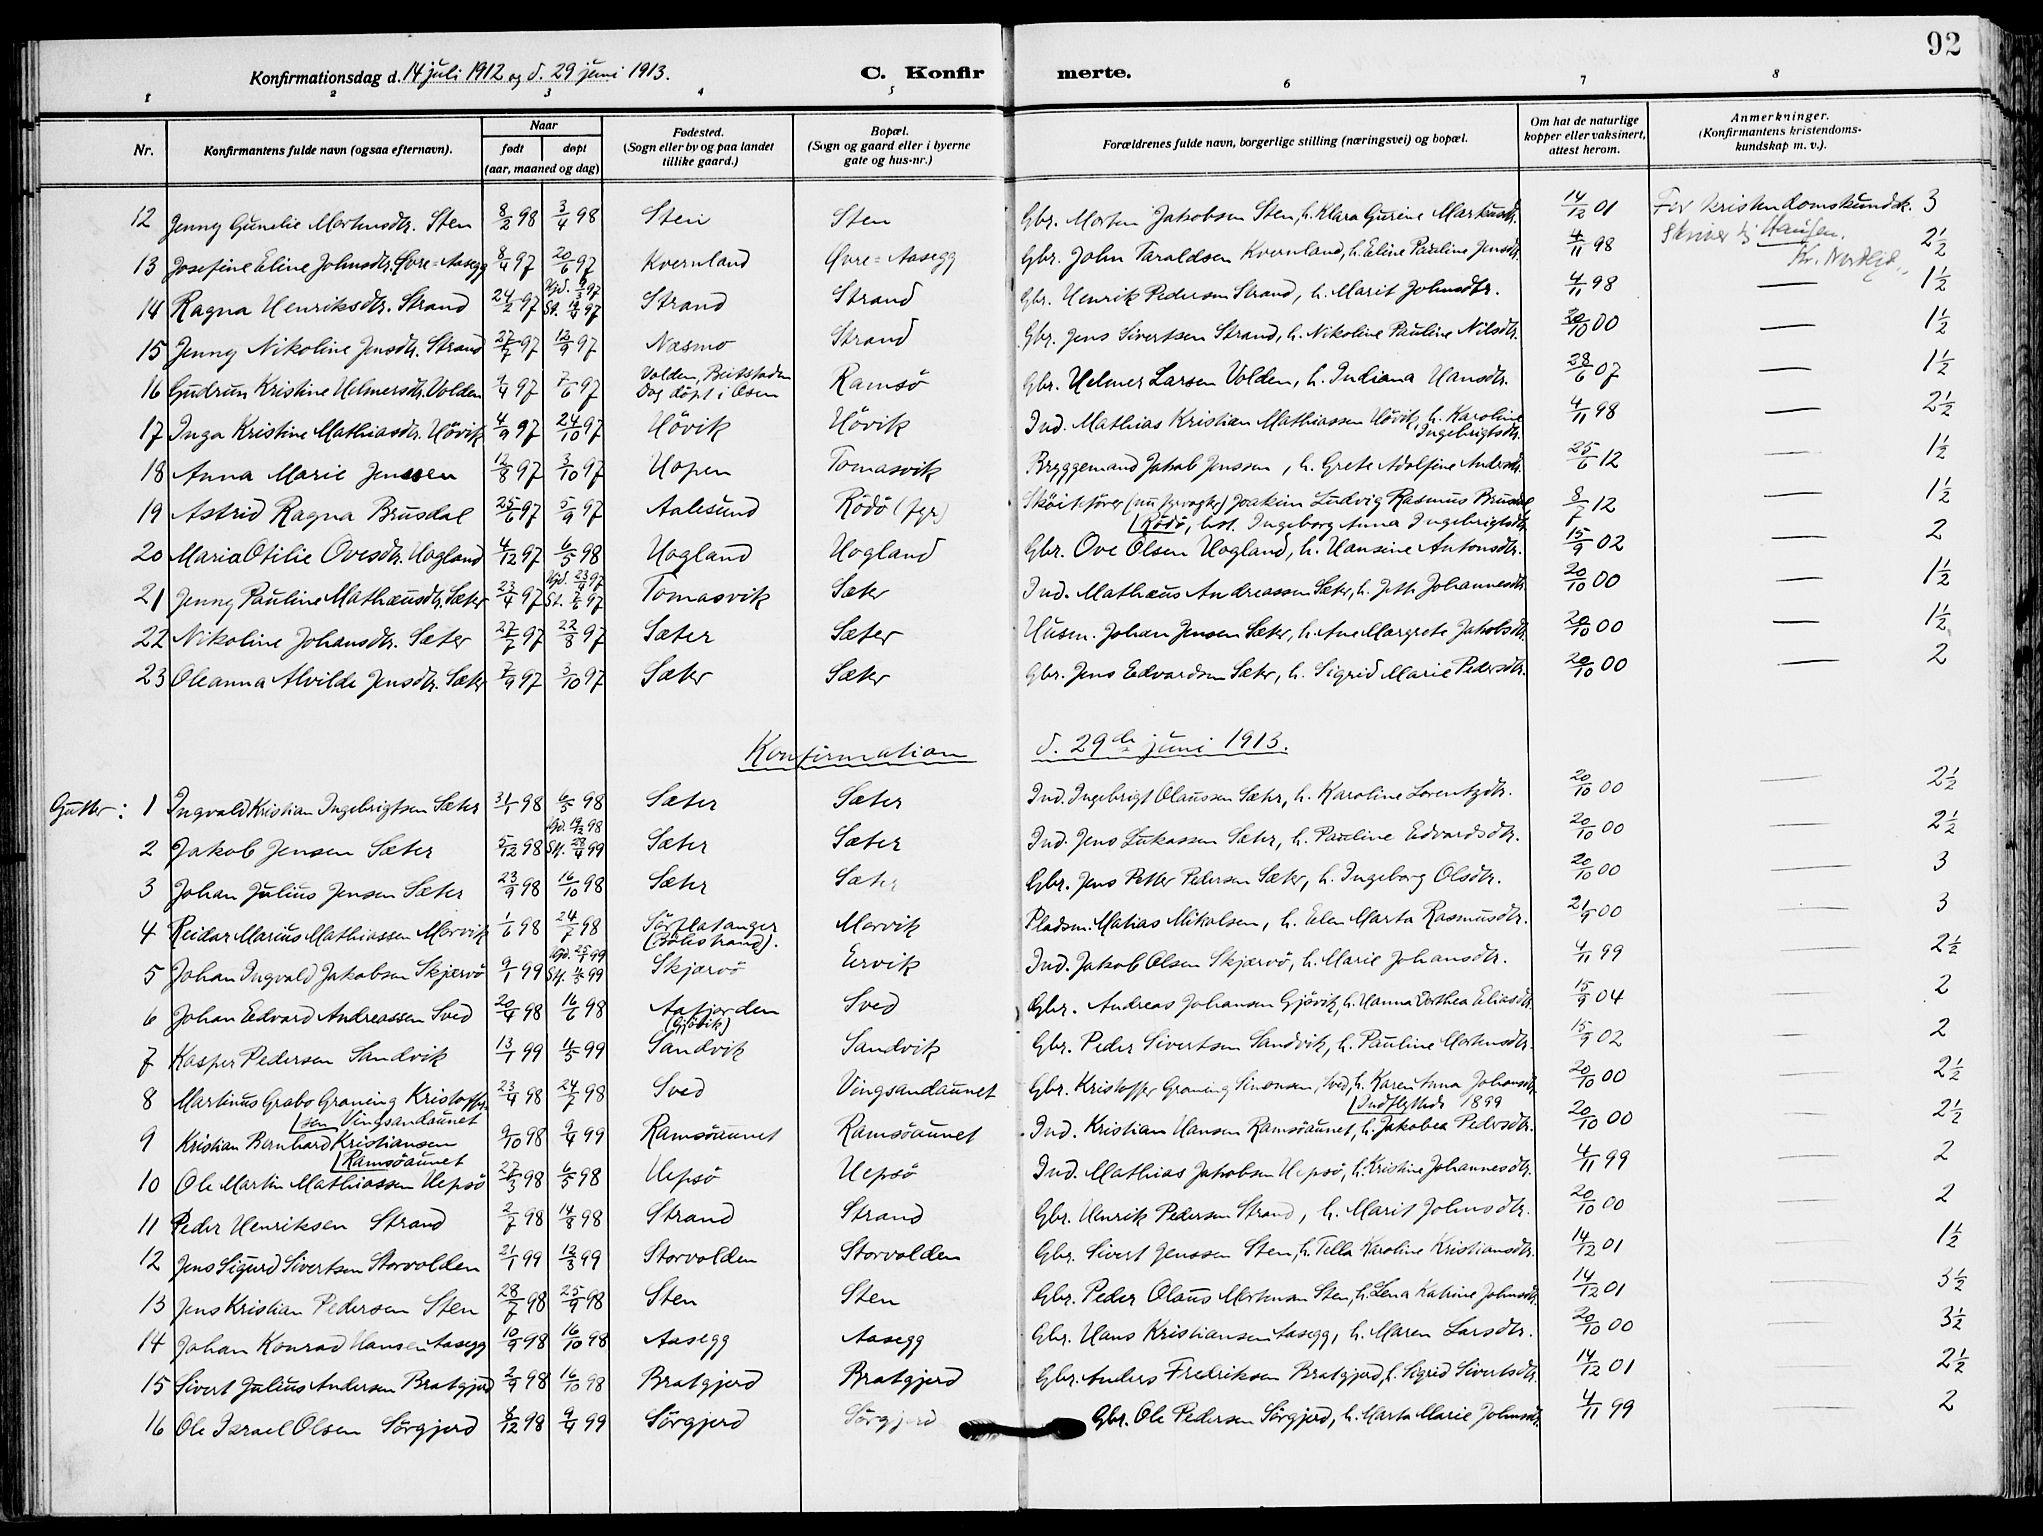 SAT, Ministerialprotokoller, klokkerbøker og fødselsregistre - Sør-Trøndelag, 658/L0724: Ministerialbok nr. 658A03, 1912-1924, s. 92